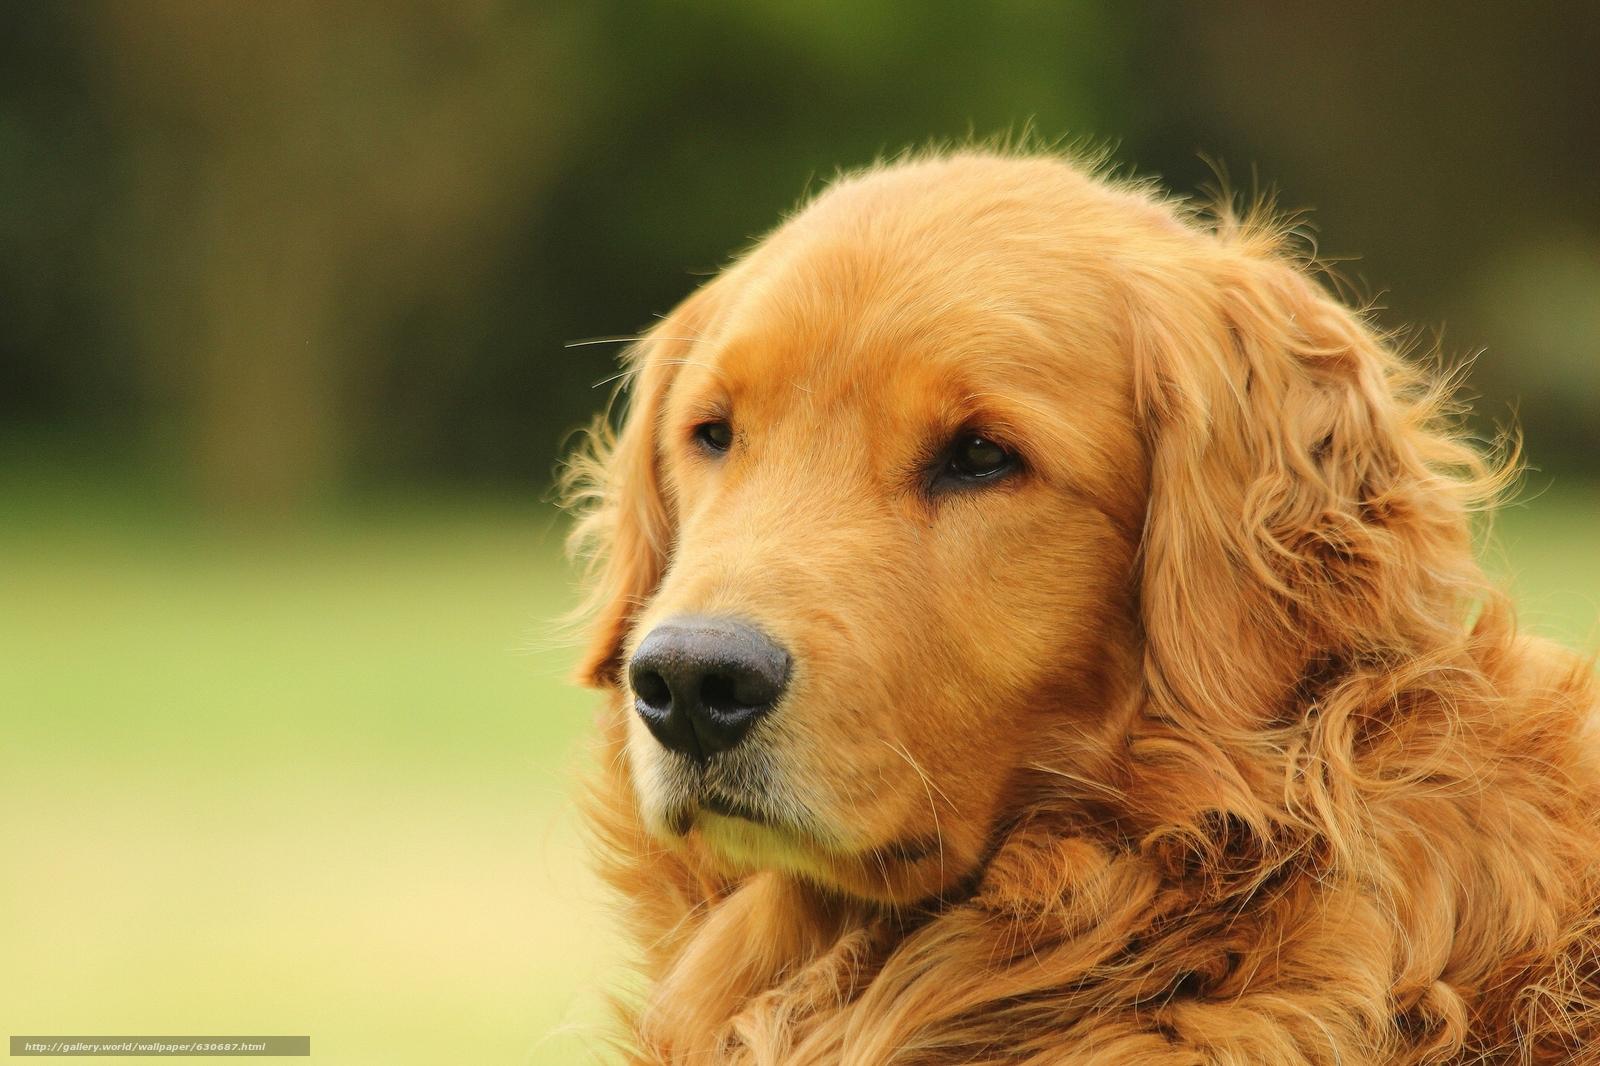 Tlcharger fond d 39 ecran golden retriever golden retriever chien museau fonds d 39 ecran gratuits - Golden retriever gratuit ...